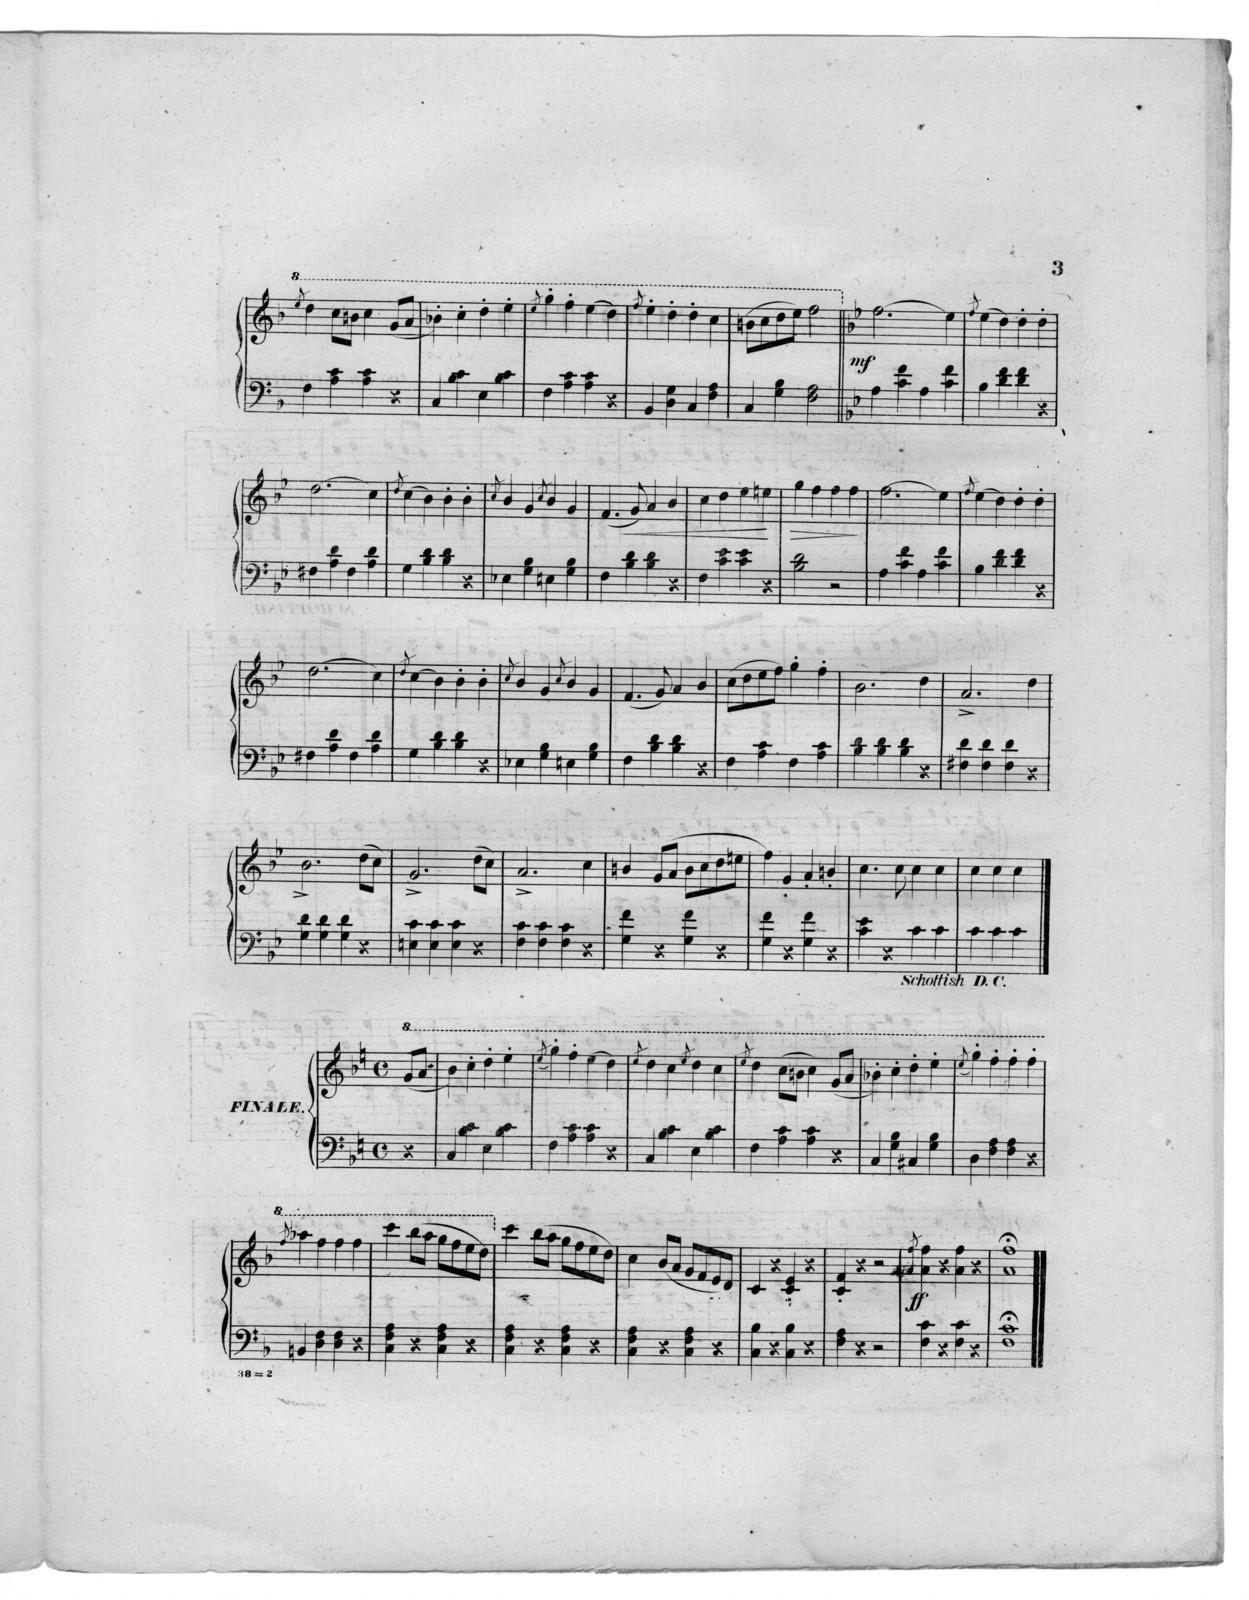 Schottish, op. 13, no. 2